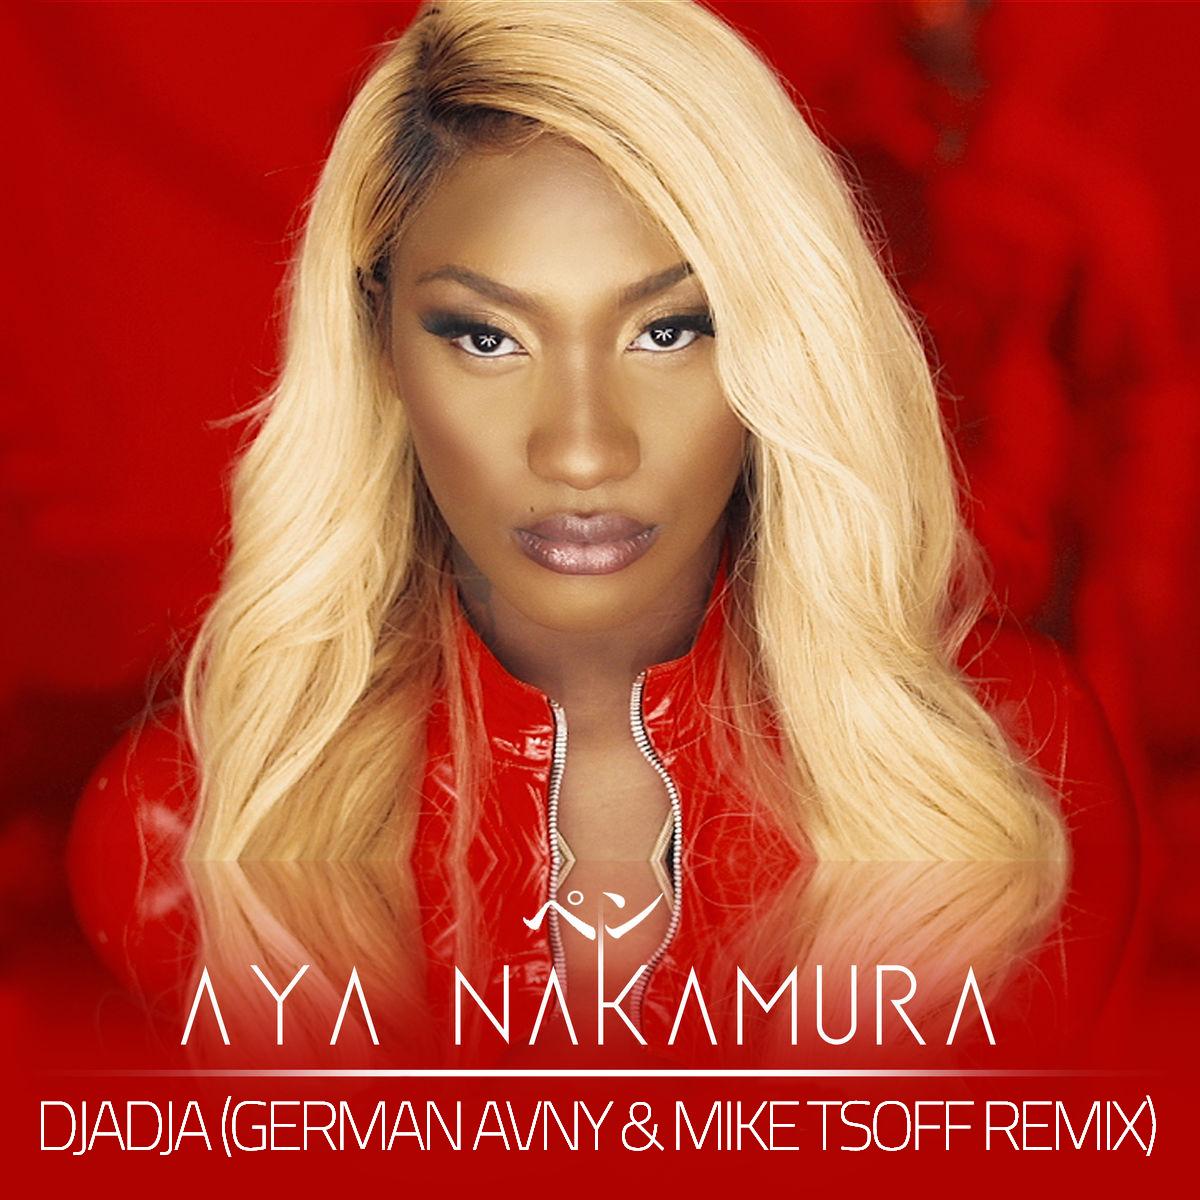 Aya Nakamura - Djadja (German Avny & Mike Tsoff Radio Edit)